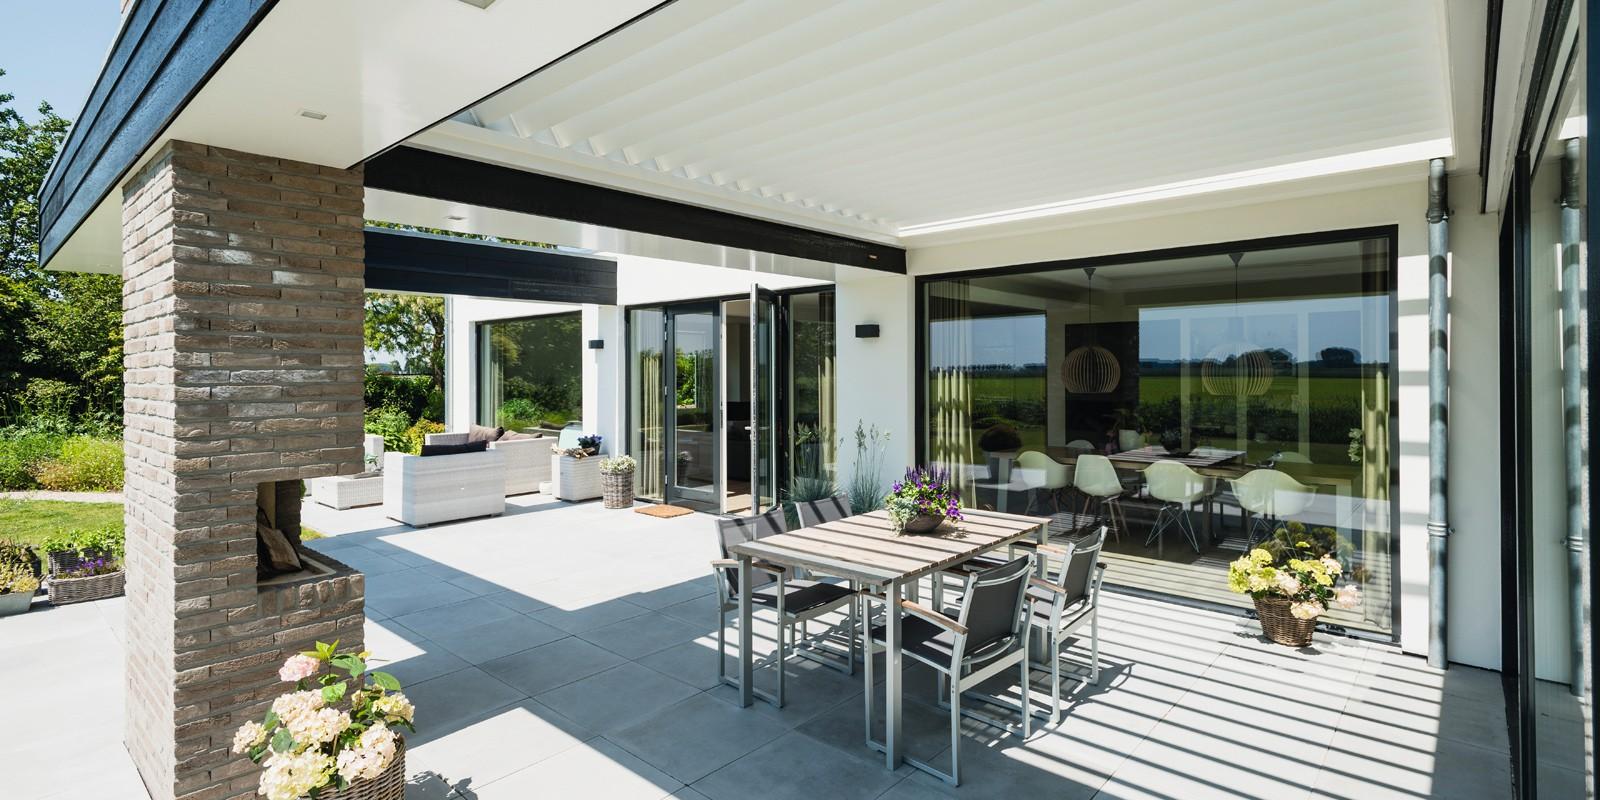 Stijlvol een lamellen overkapping voor terras of tuin nieuws startpagina voor tuin idee n for Terras modern huis